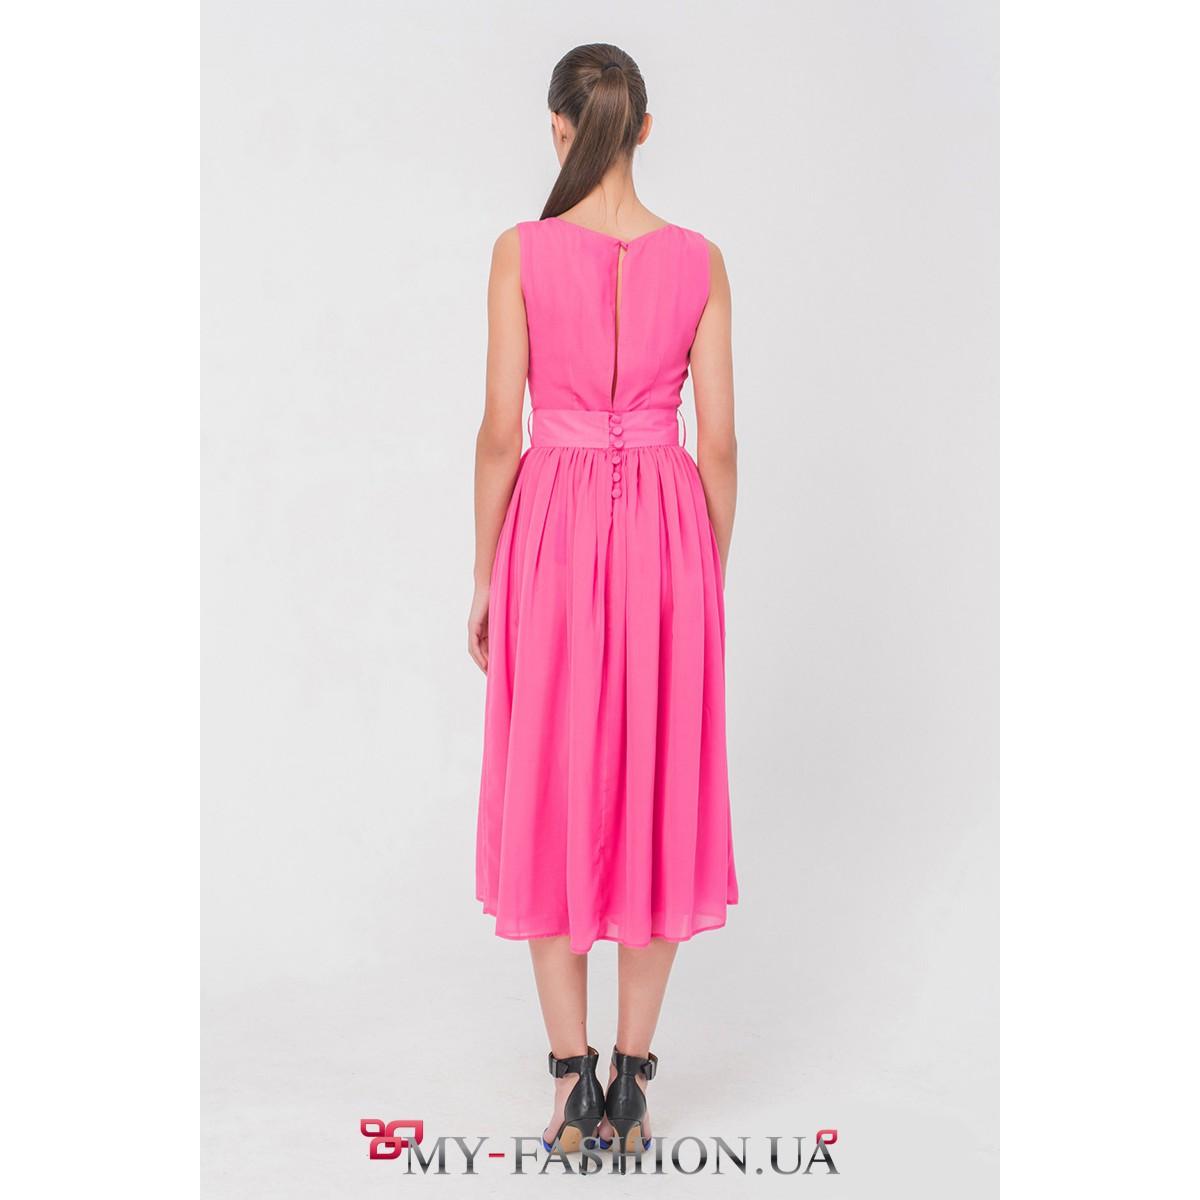 6b1eae1bac7 Розовое платье из лёгкого шифона средней длины купить в интернет ...